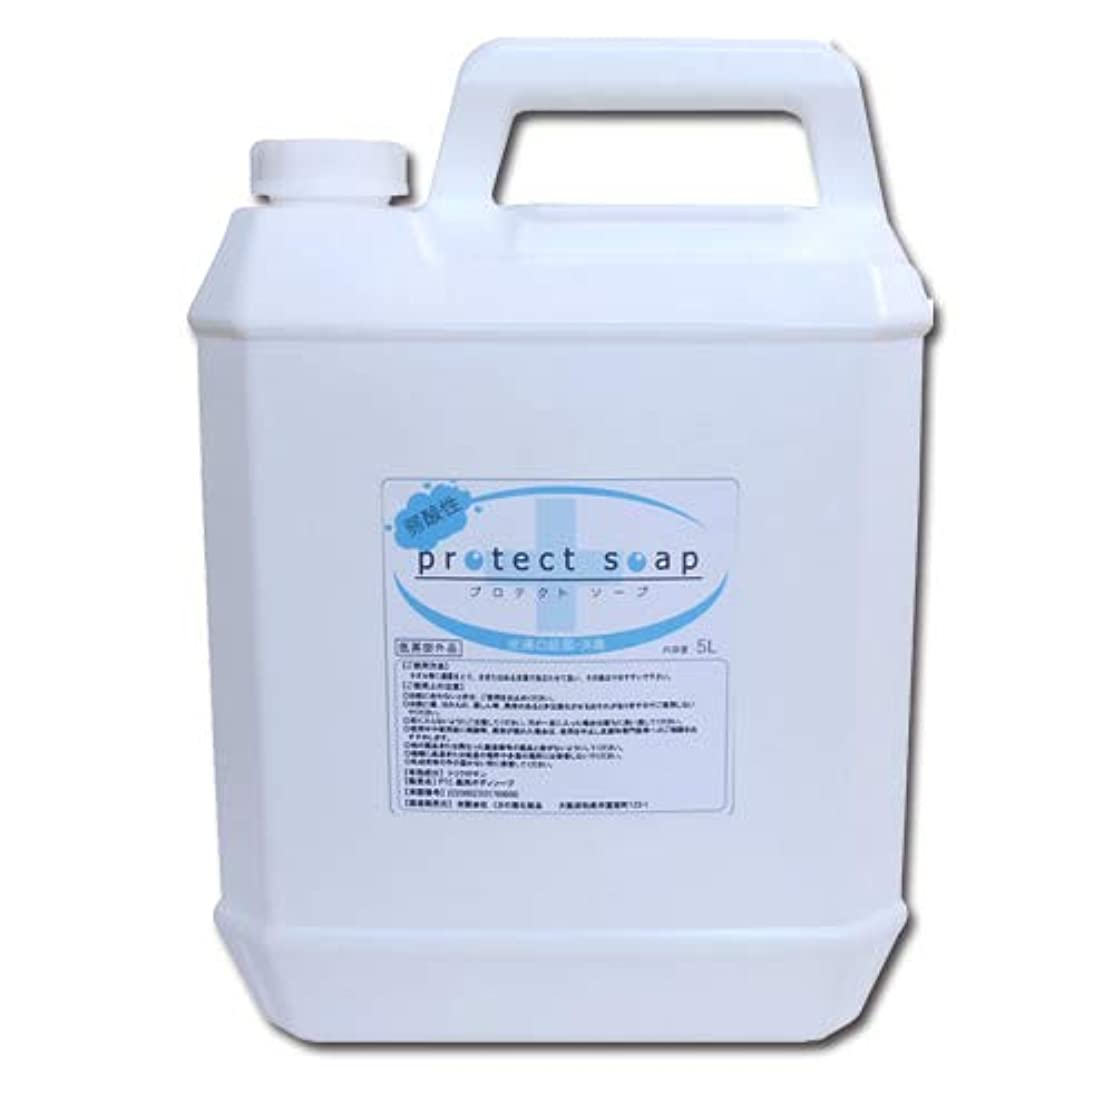 キャンバス一目イソギンチャク低刺激弱酸性 液体石鹸 プロテクトソープ 5L 業務用│せっけん液 液体せっけん 殺菌?消毒 インフルエンザ?ノロウィルス対策